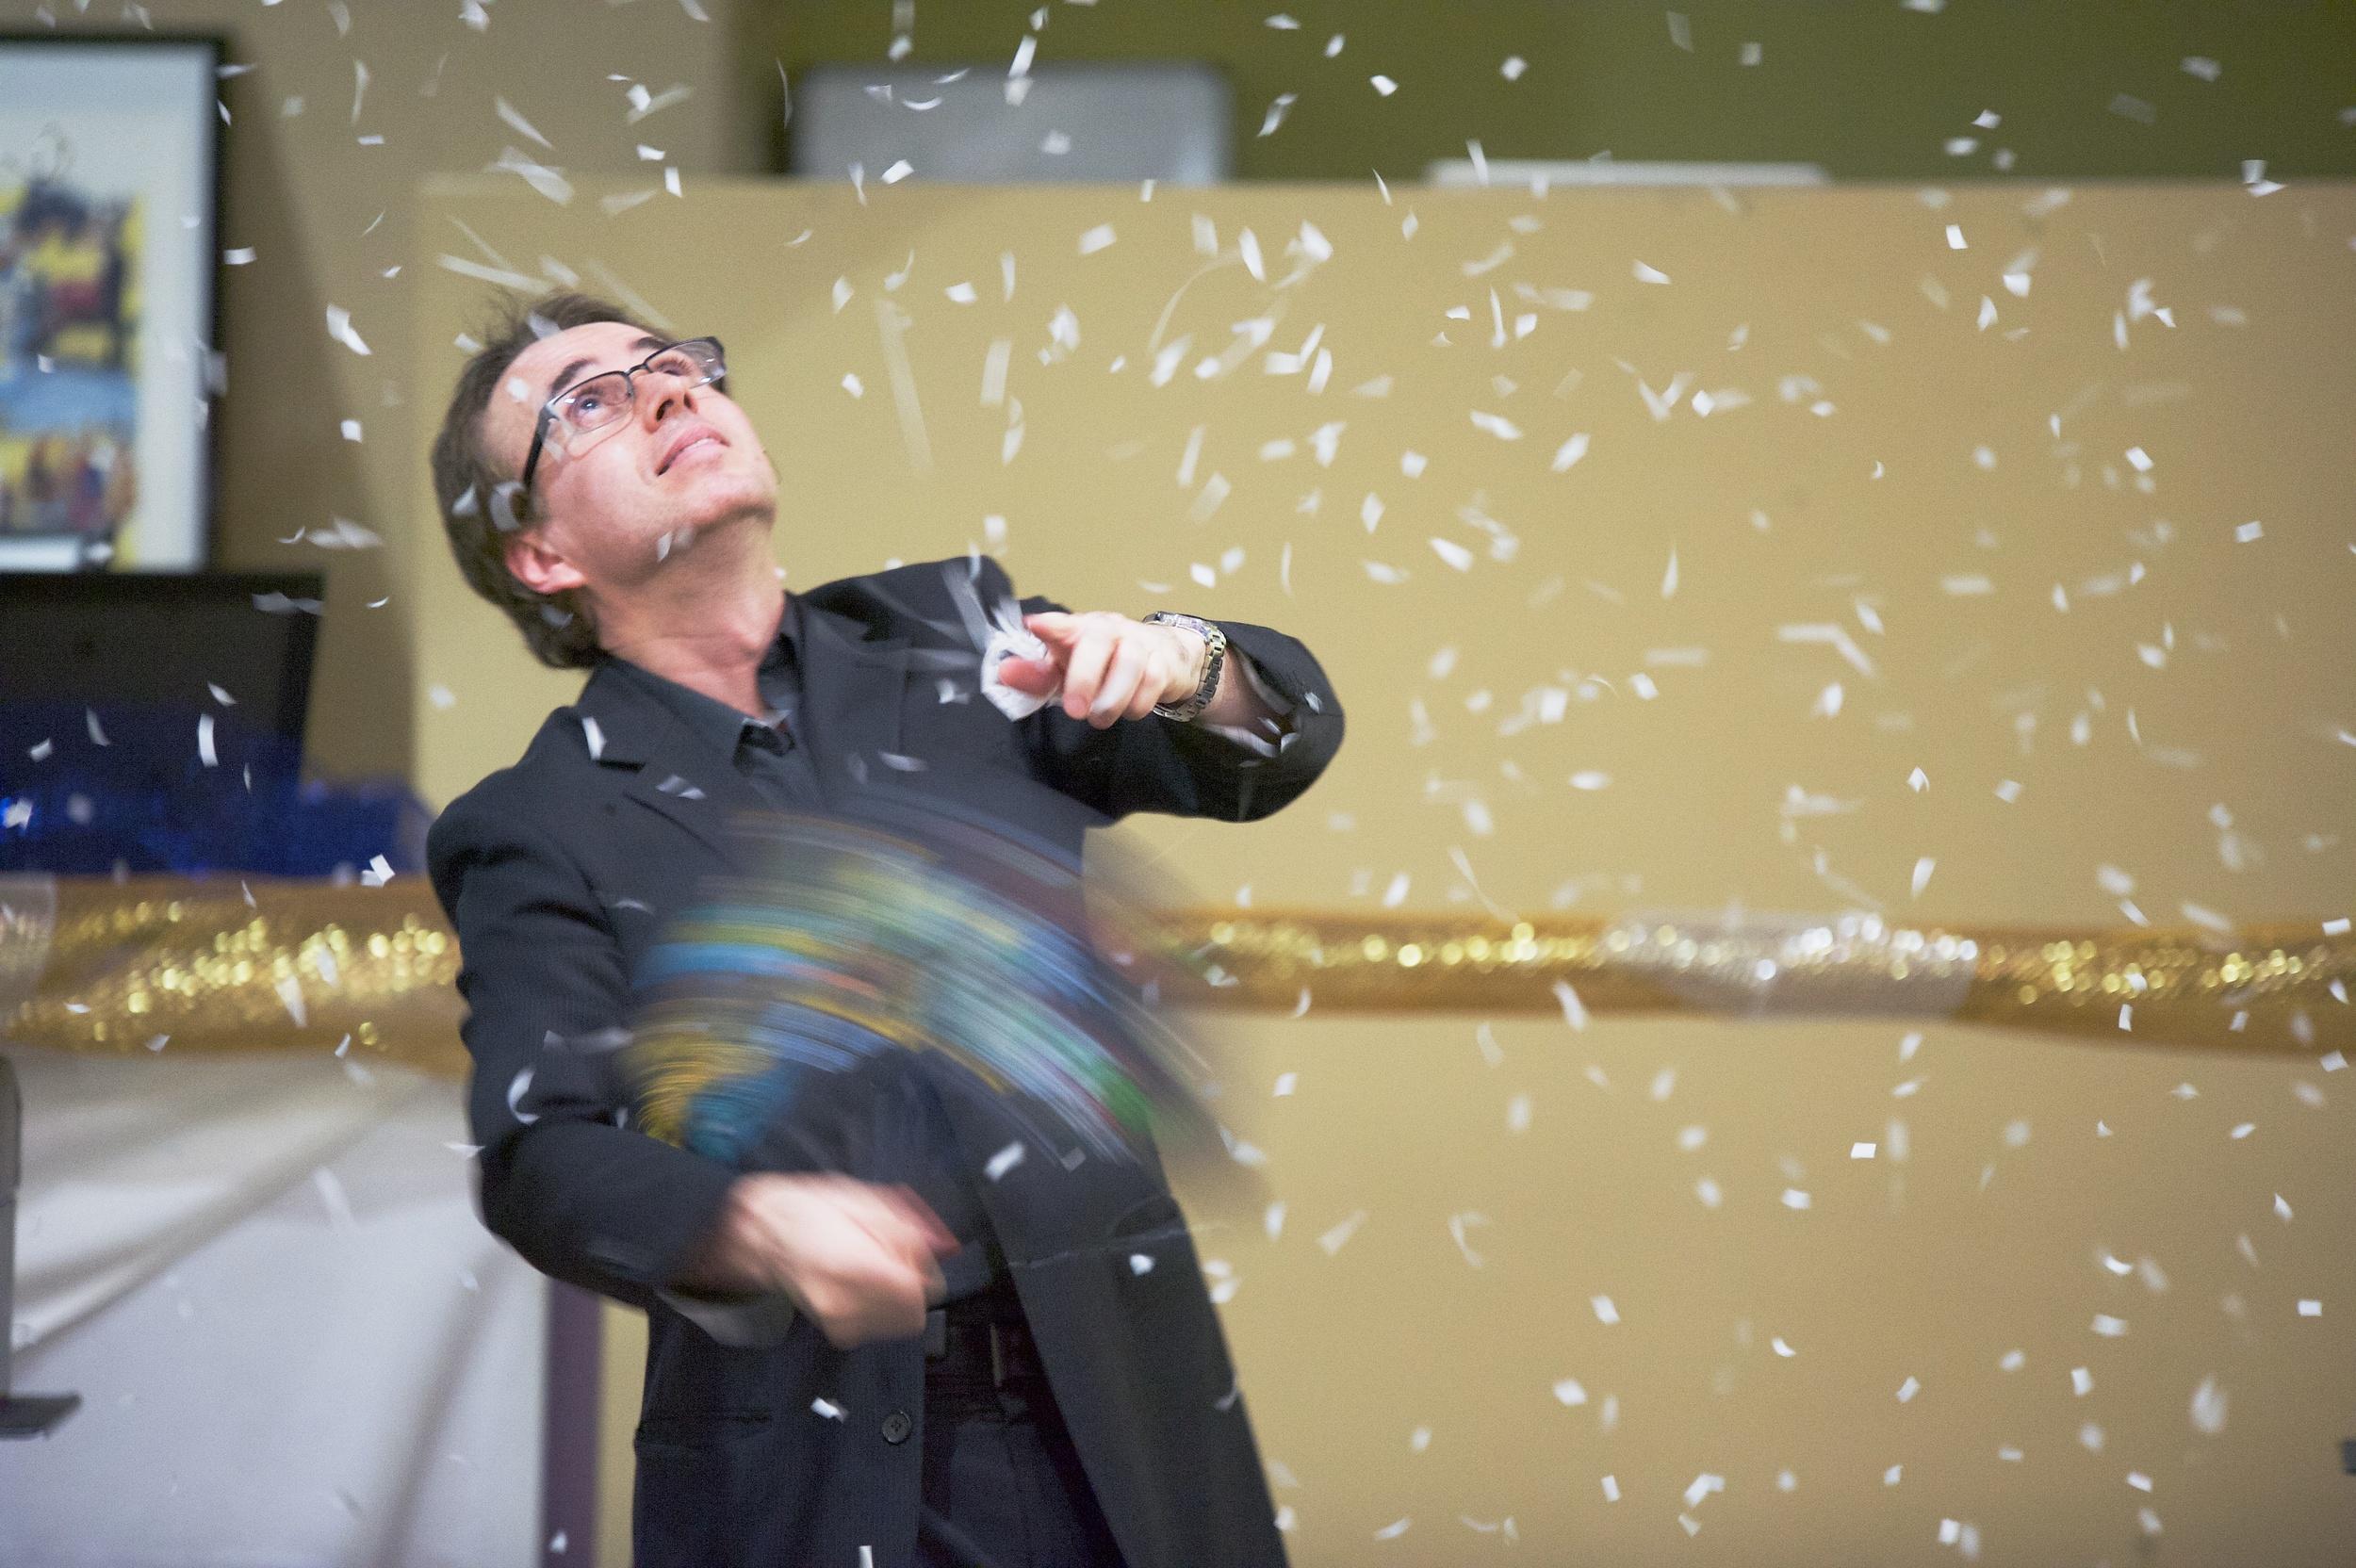 Los Aneles magician, Lou Serrano, with Snowstorm finale